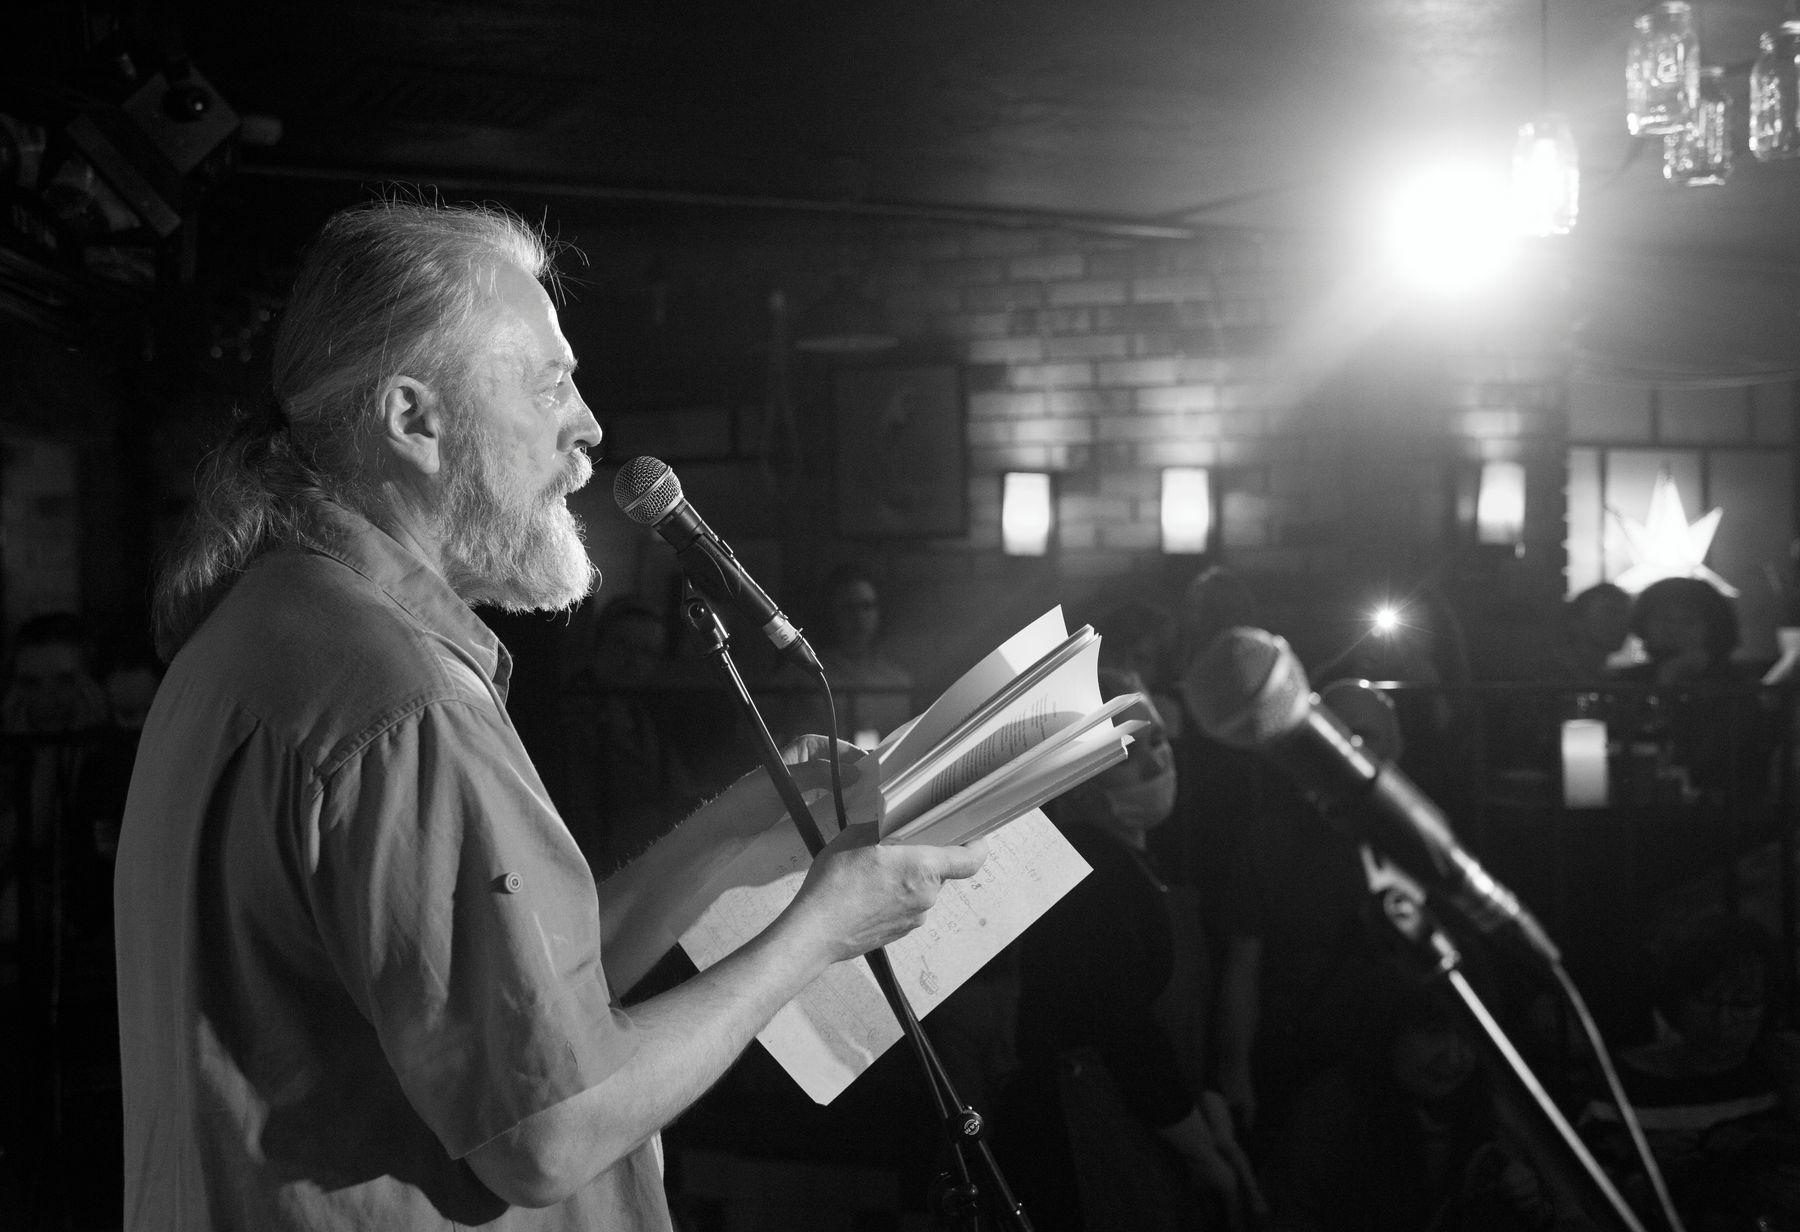 Поэт Михаил Кукин в клубе Пушкарев 27.05.21